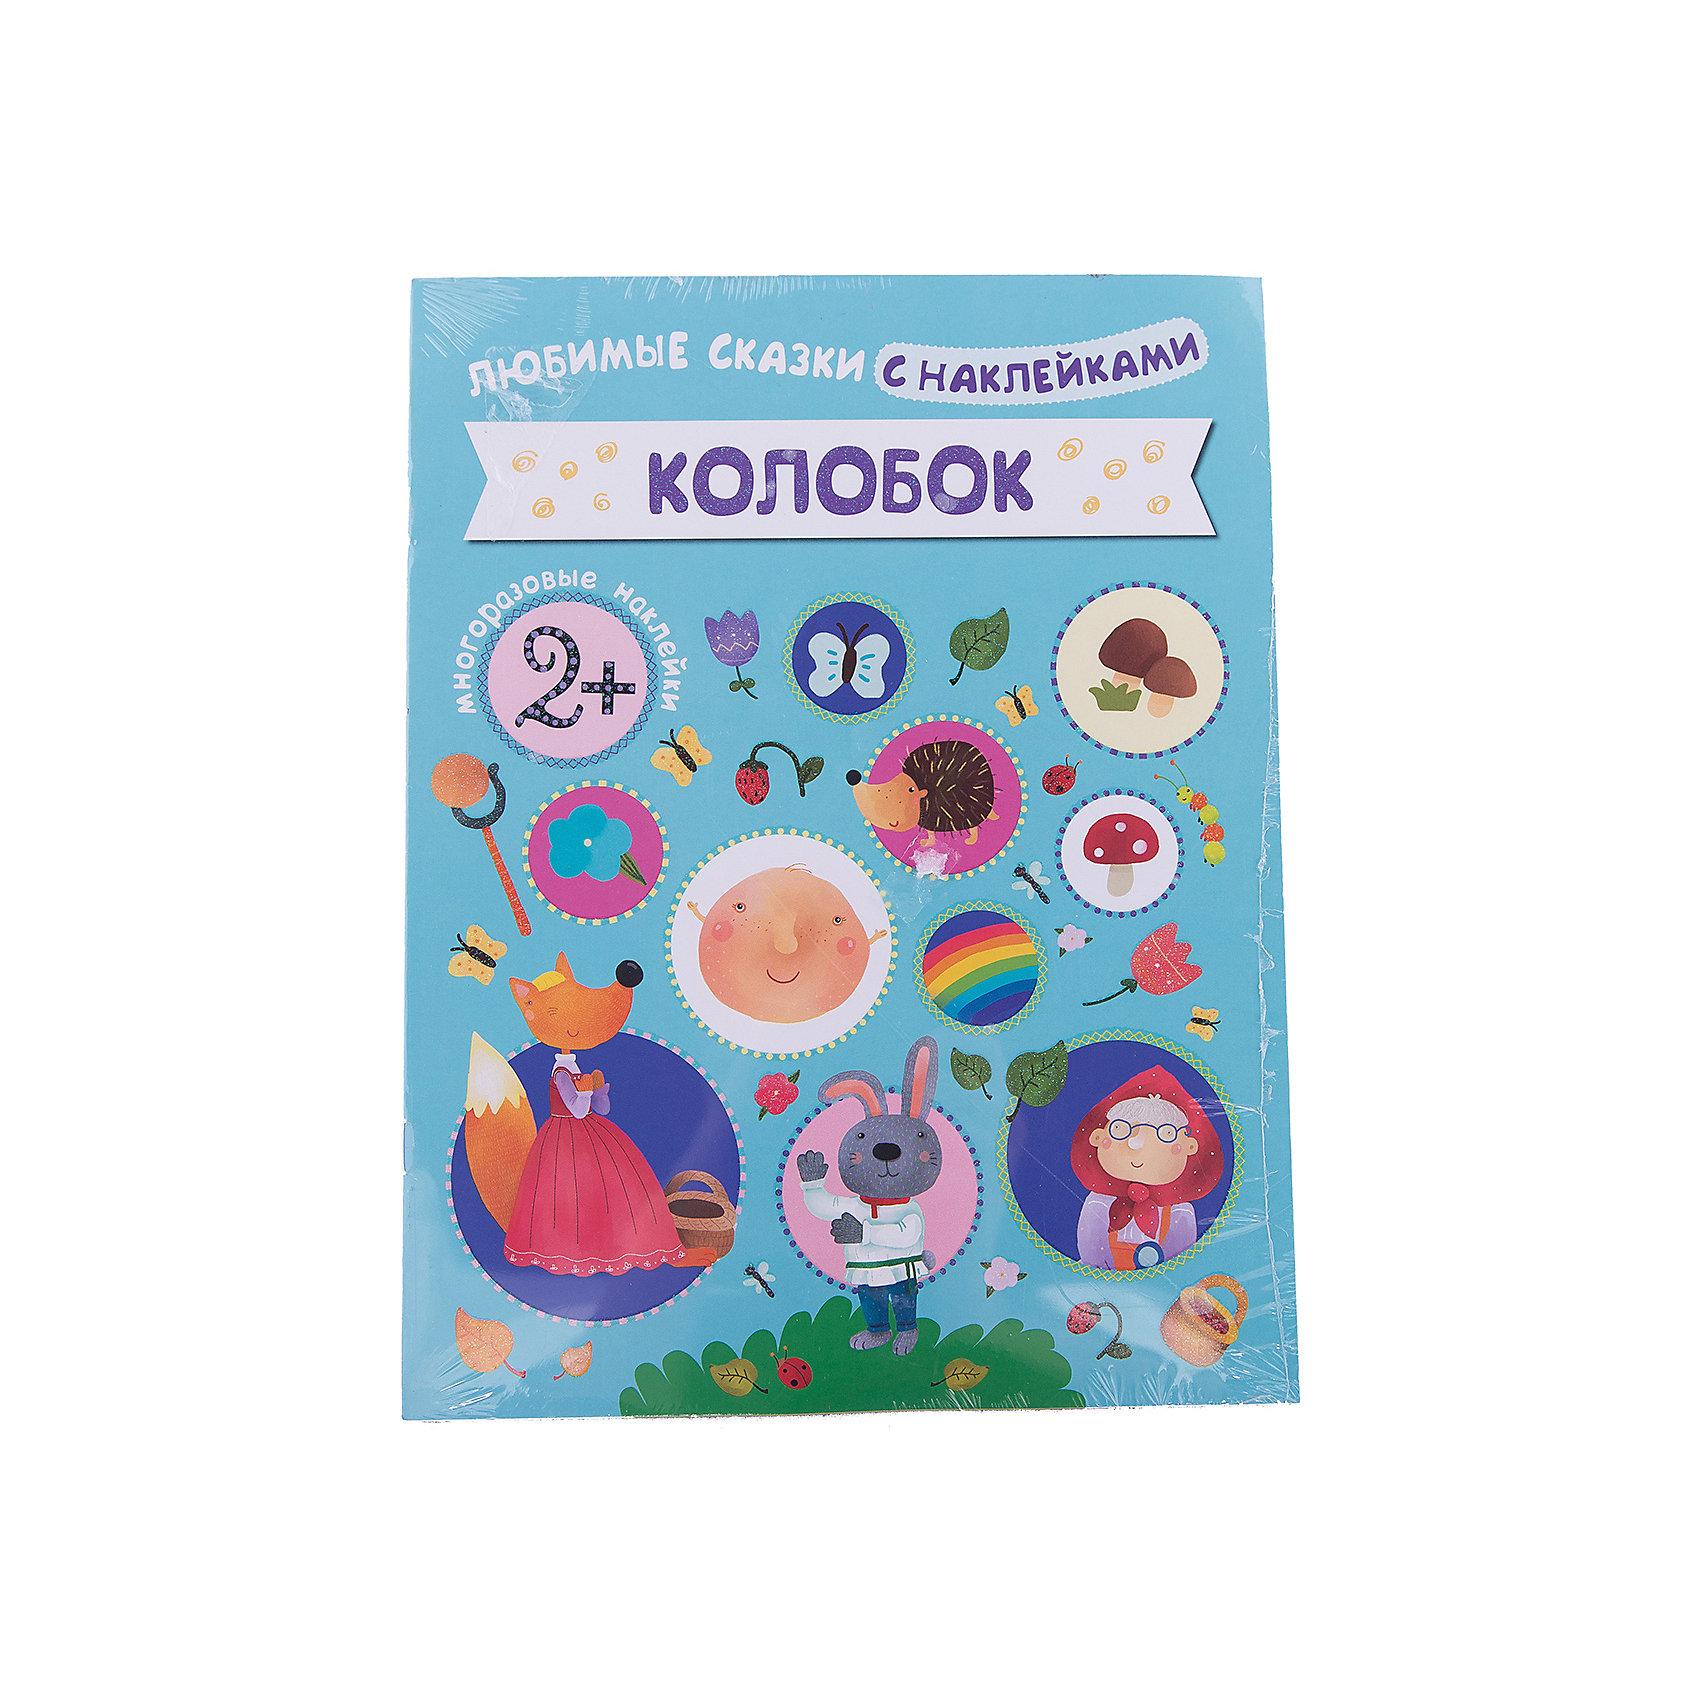 Колобок, Любимые сказки с наклейкамиХарактеристики книги Колобок, любимые сказки с наклейками:<br><br>• возраст: от 2 лет<br>• пол: для мальчиков и девочек<br>• ISBN 978-5-43150-602-4<br>• материал: бумага <br>• количество страниц: 8.<br>• размер: 28x21.5 см.<br>• масса: 80 гр.<br>• тип обложки: мягкая.<br>• иллюстрации: цветные.<br>• бренд: Мозаика-Синтез<br>• страна обладатель бренда: Россия.<br>• страна изготовитель: Россия<br><br>Одна из первых сказок, которую обычно узнают дети, это, история про легкомысленного Колобка. А теперь можно не только послушать историю, но и поучаствовать в ней, наклеивая многоразовые наклейки на специально отведенные для этого места в книжке. Сказка отлично запоминается, поэтому после чтения можно попросить ребенка пересказать ее. Книжка оформлена красочными иллюстрациями, а каждая наклейка изображает сюжетные ситуации. Чтобы правильно поместить наклейки, ребенок должен воспринимать повествование и запоминать последовательность событий. <br><br>Книгу Колобок издательства Мозаика-Синтез можно купить в нашем интернет-магазине.<br><br>Ширина мм: 1<br>Глубина мм: 215<br>Высота мм: 281<br>Вес г: 79<br>Возраст от месяцев: 24<br>Возраст до месяцев: 60<br>Пол: Унисекс<br>Возраст: Детский<br>SKU: 5362863